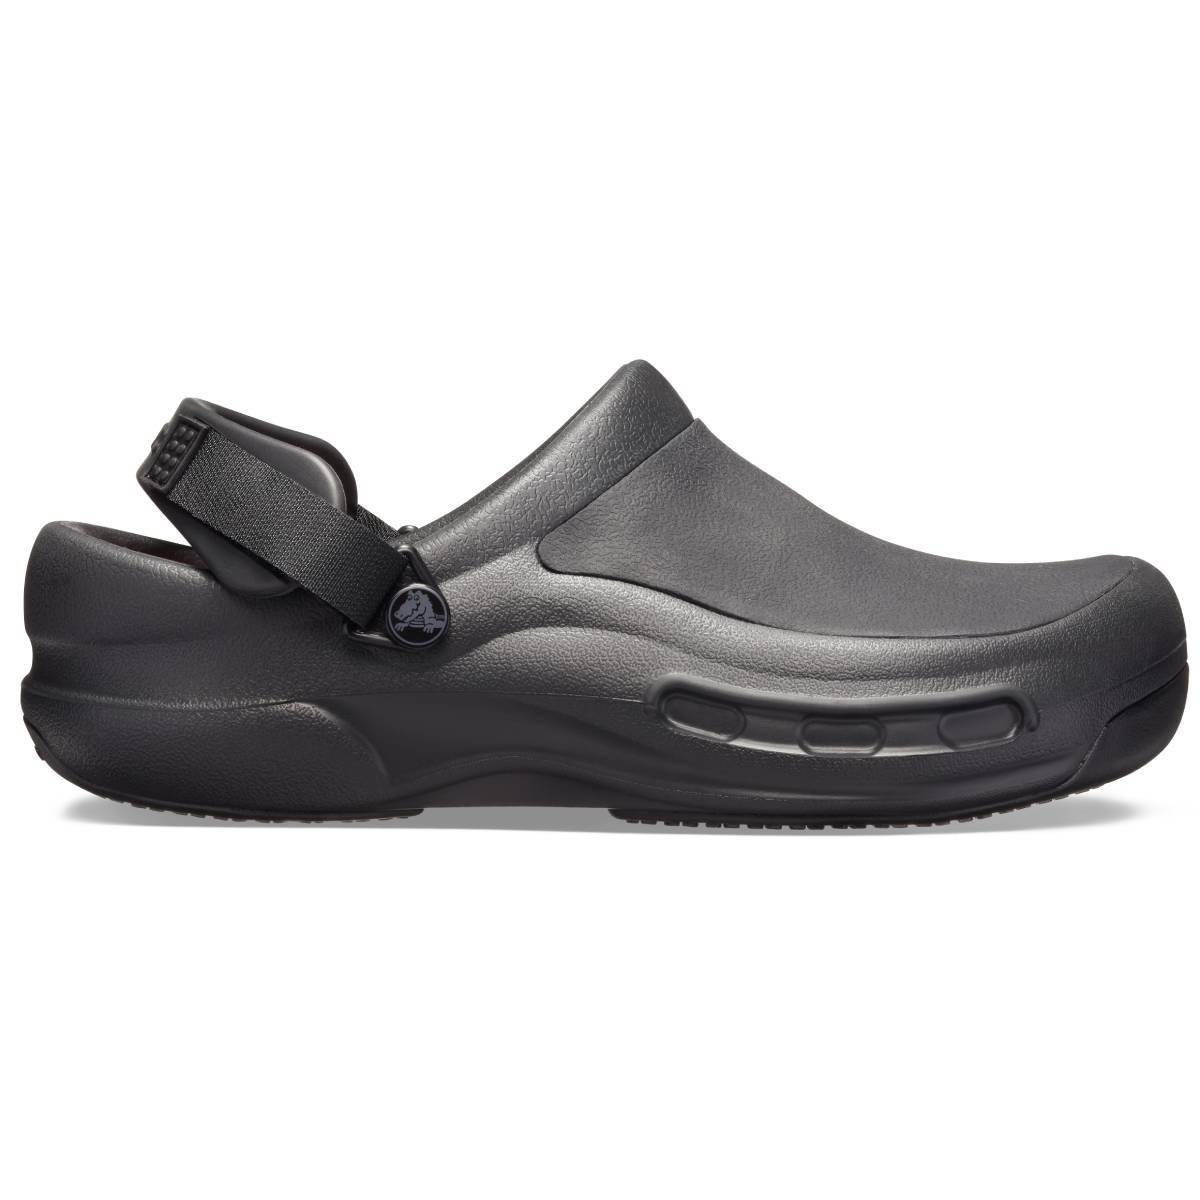 Bistro Pro LiteRide Clog - Siyah